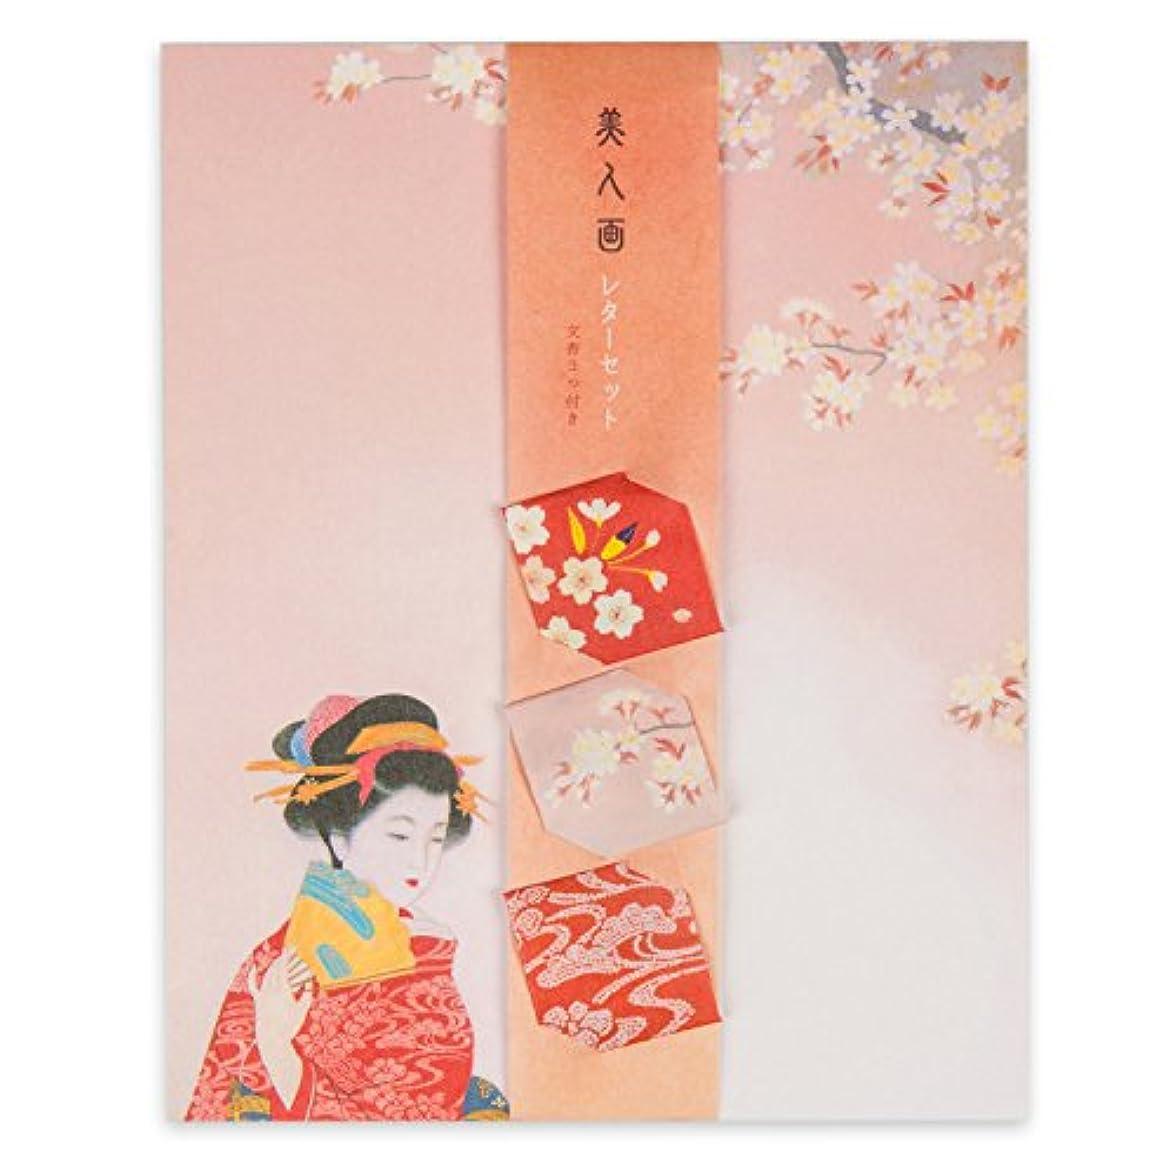 有益な理論配るGeisha and Blossom Japanese Writing Set